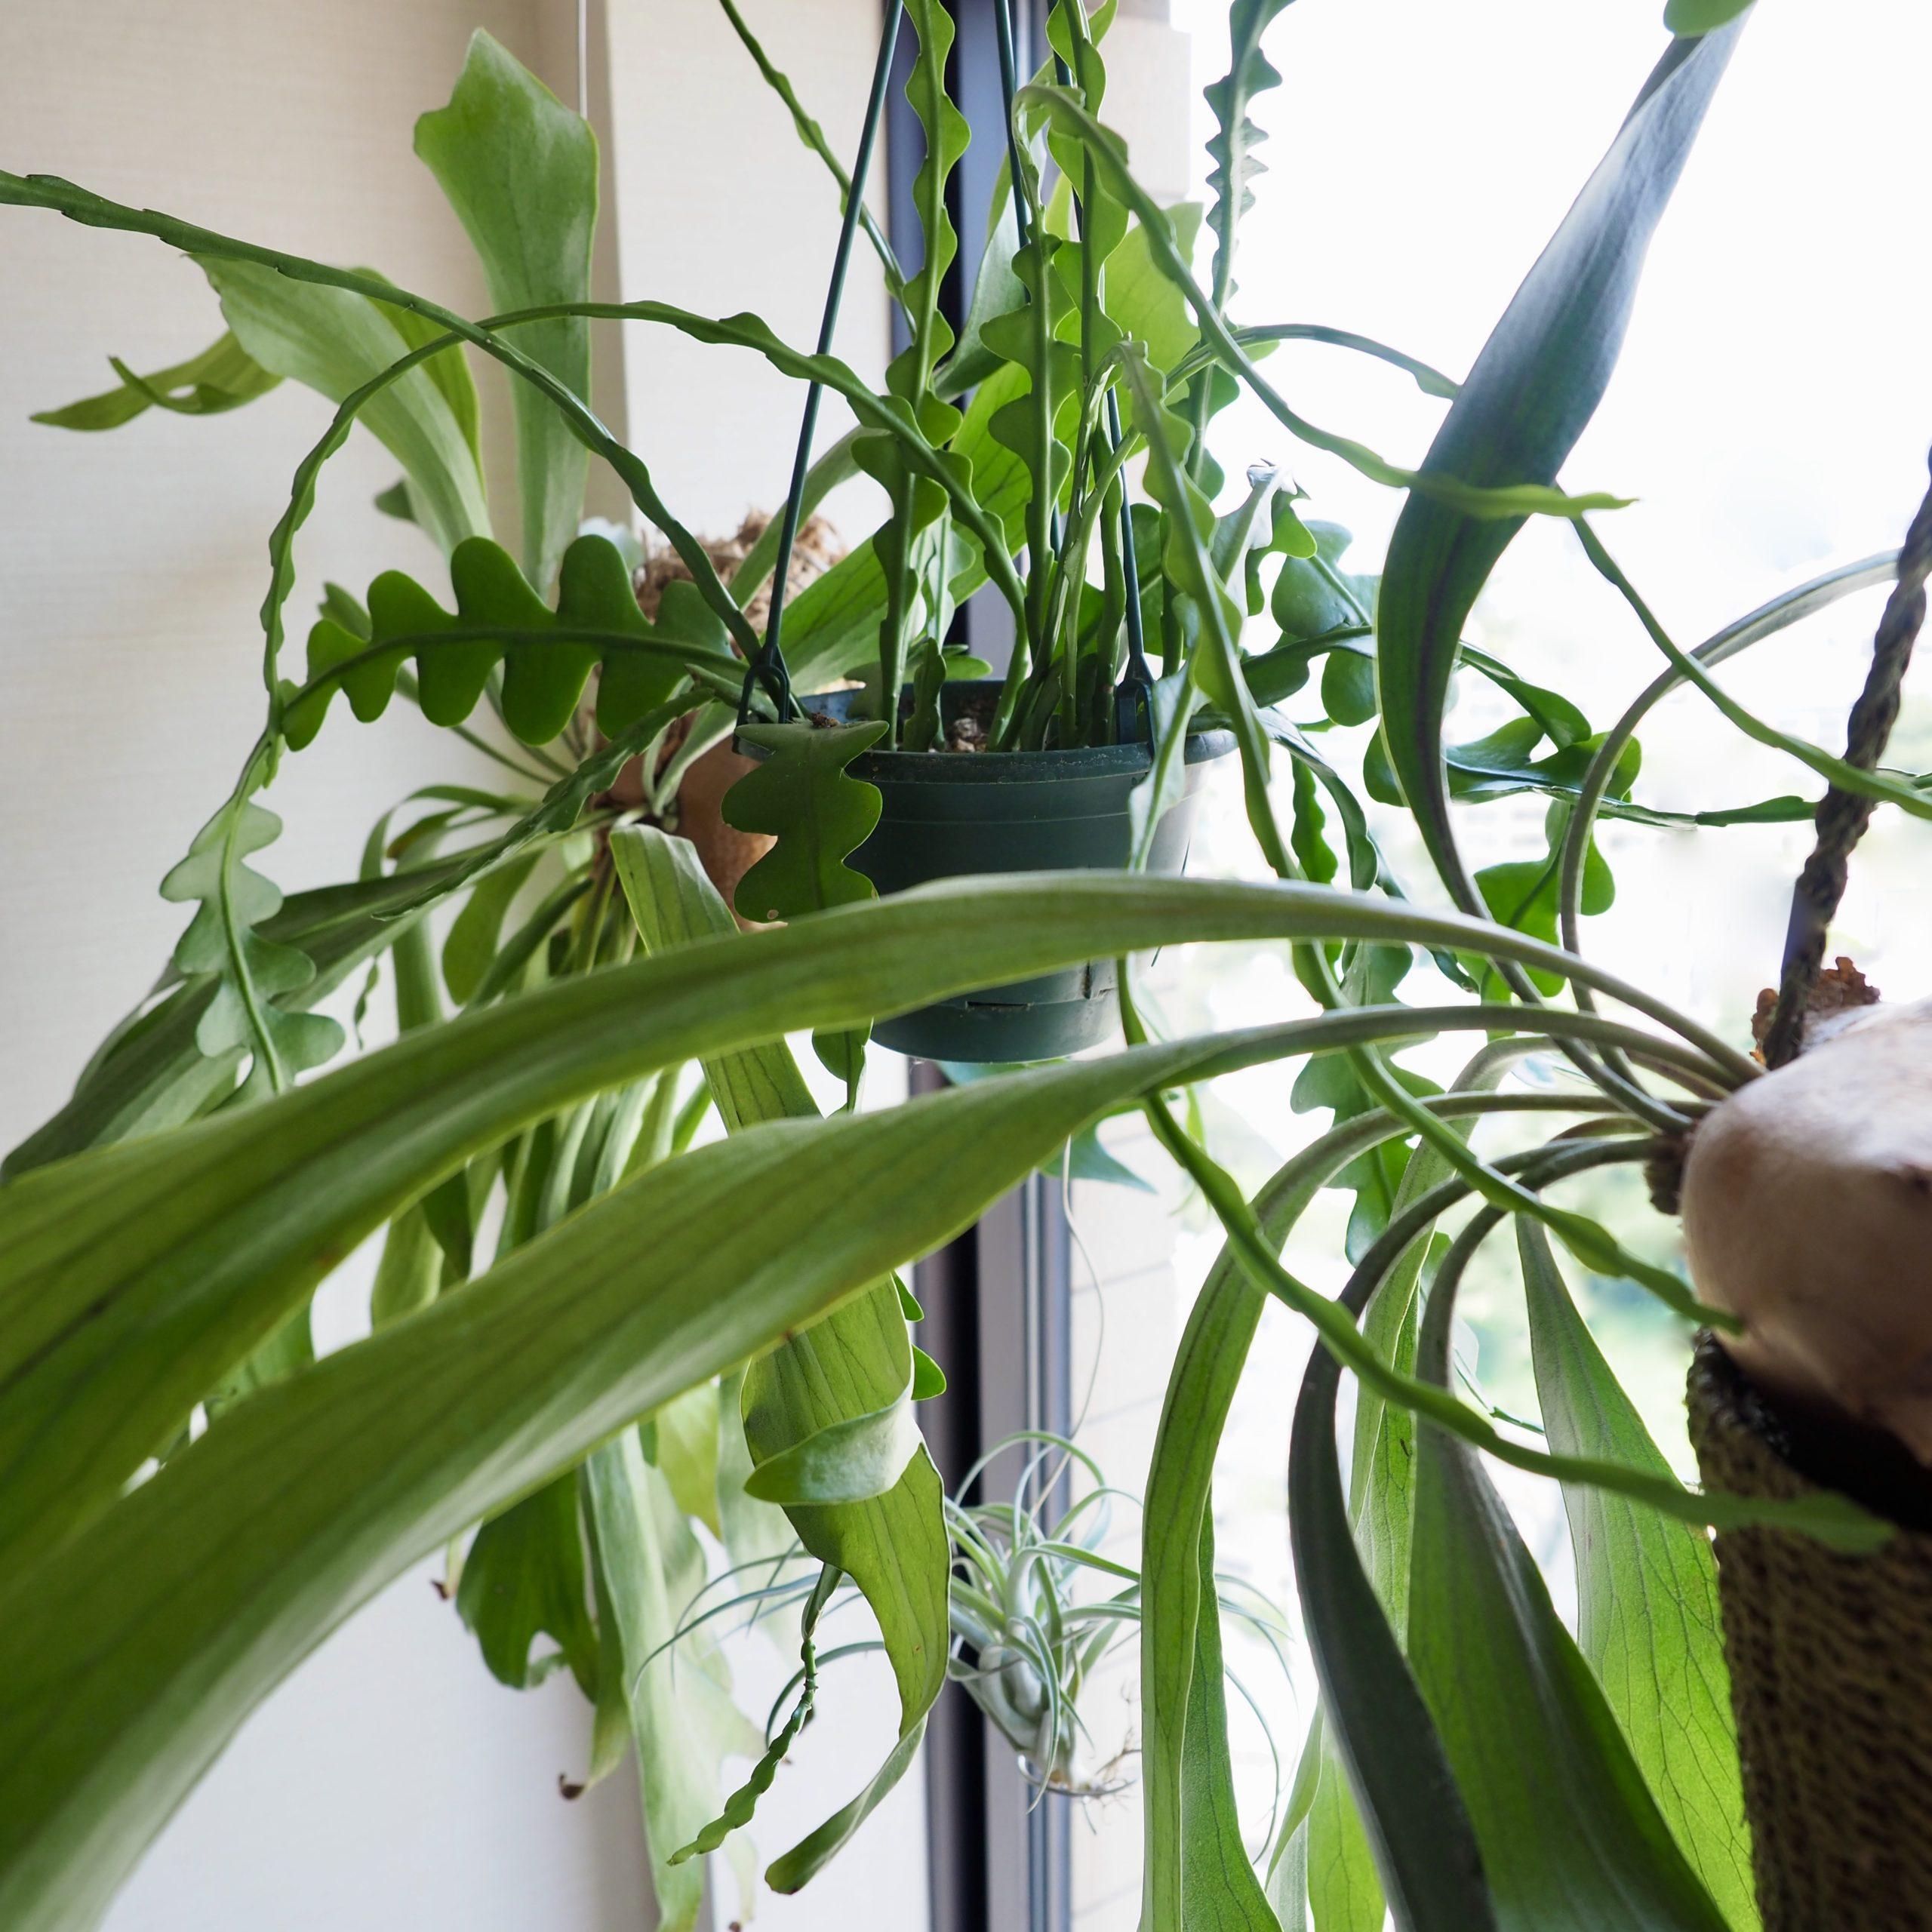 【植物をキレイに育てるには!?】光量と同じぐらい風通しも大事【キッチンの窓辺の植物】   植物属インテリ...